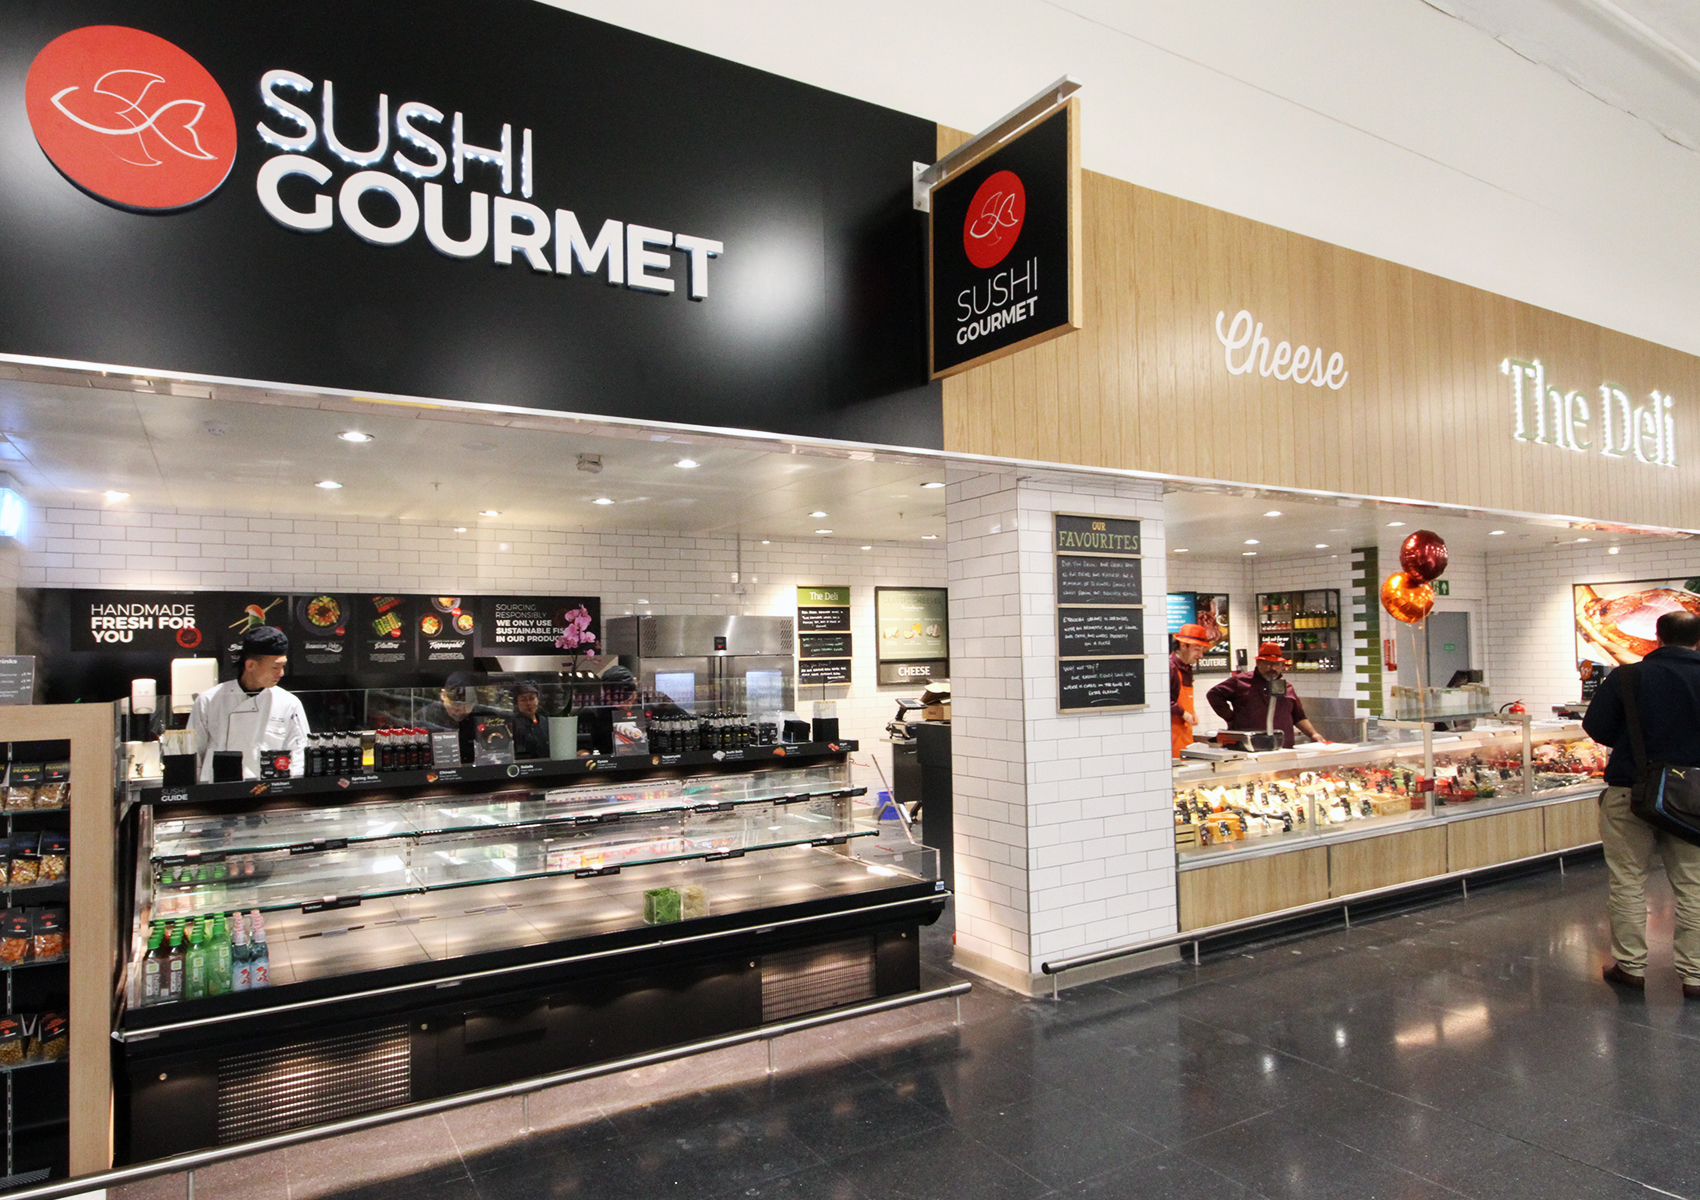 Sushi and deli